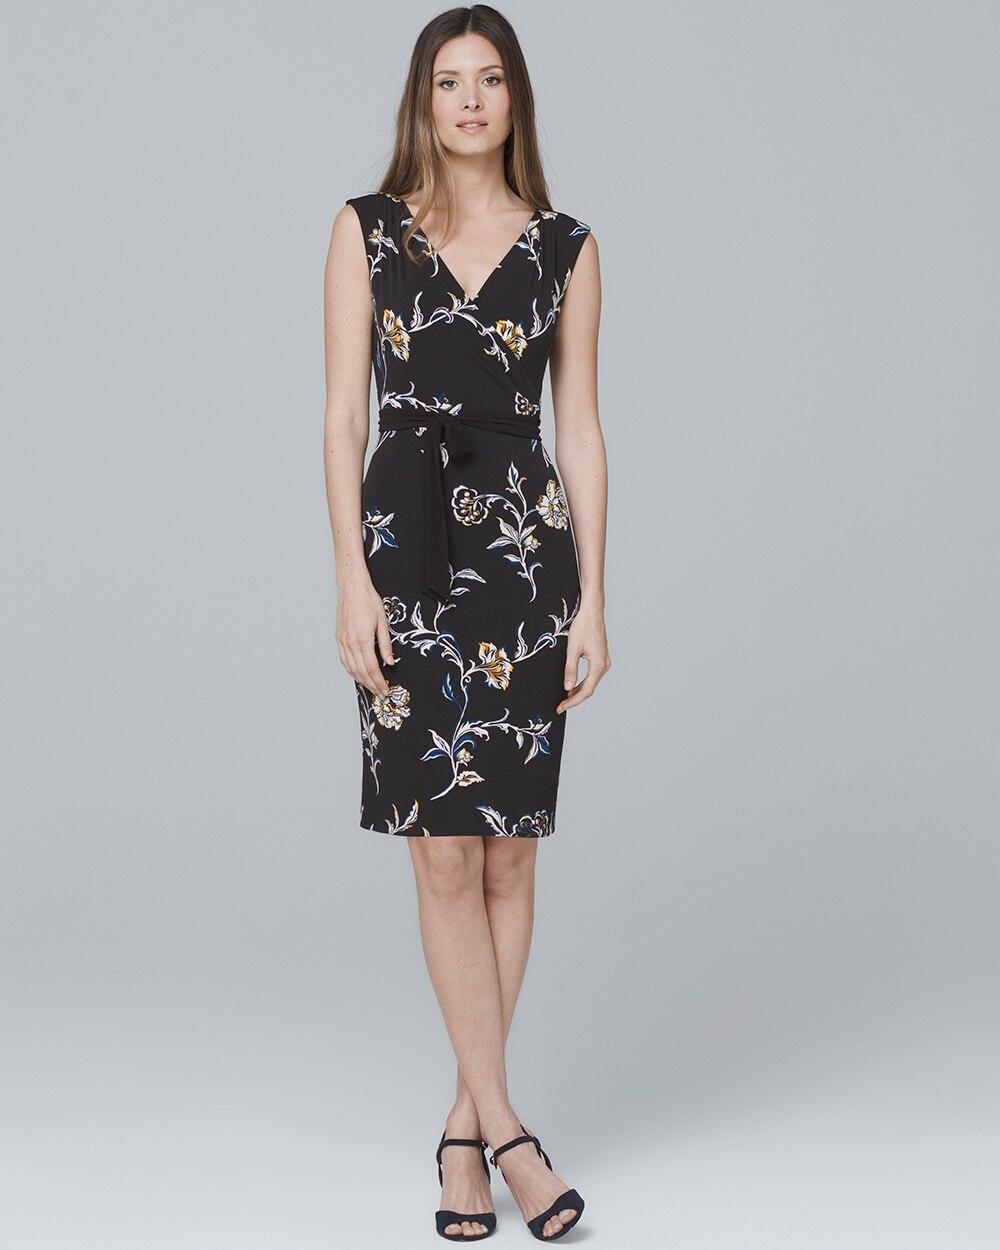 Reversible Floral/Solid Black Faux Wrap Knit Dress